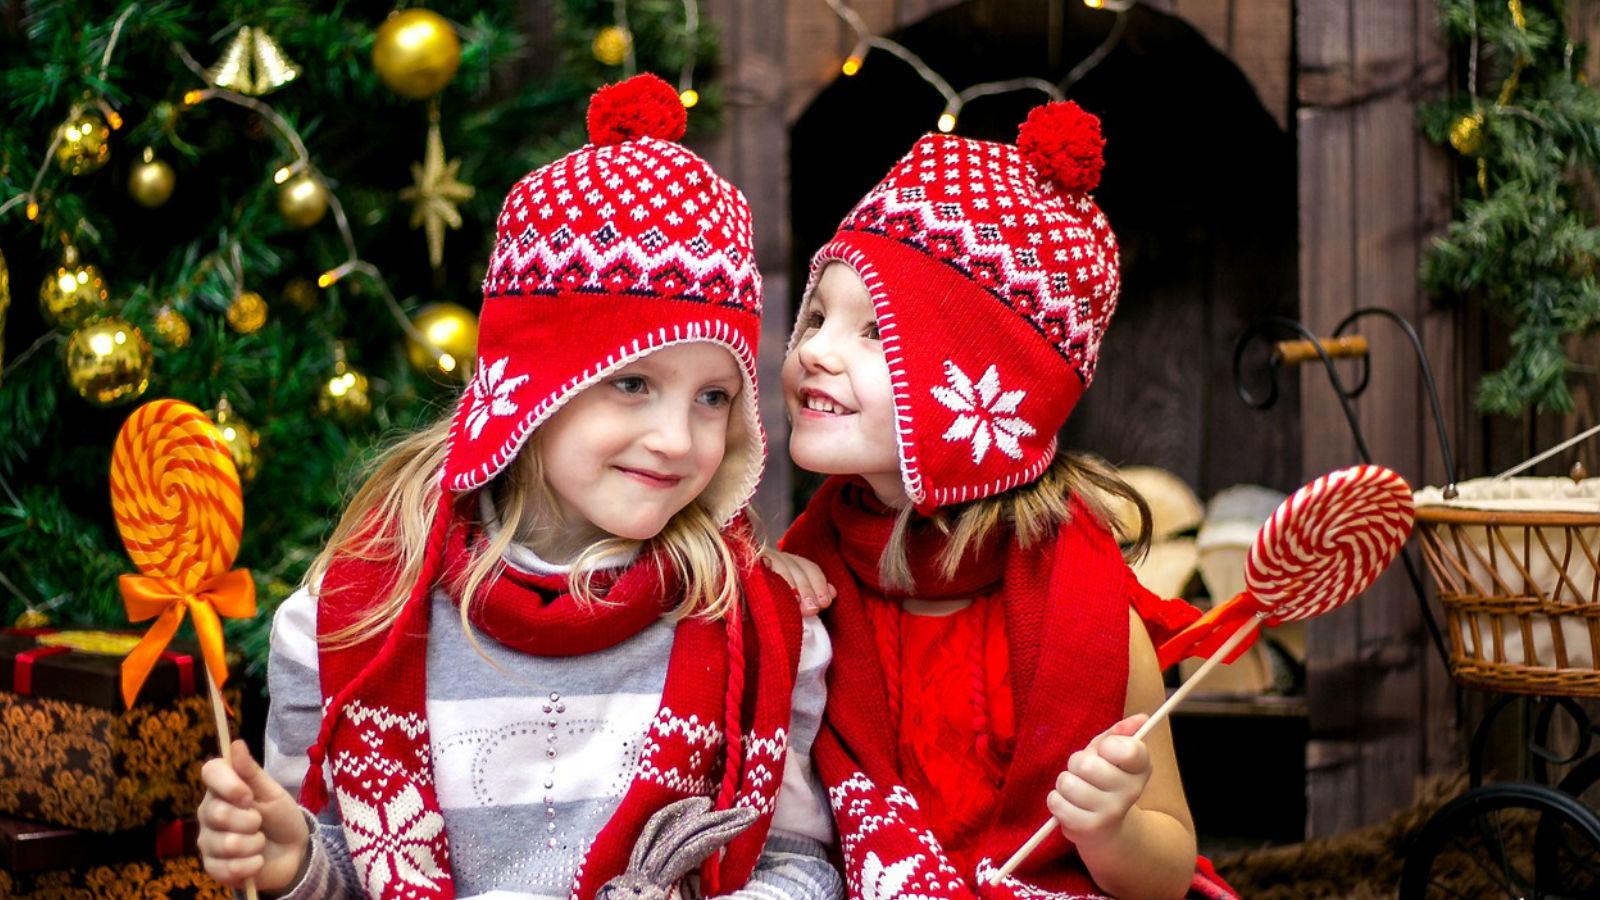 Recomendaciones para una Navidad segura y feliz